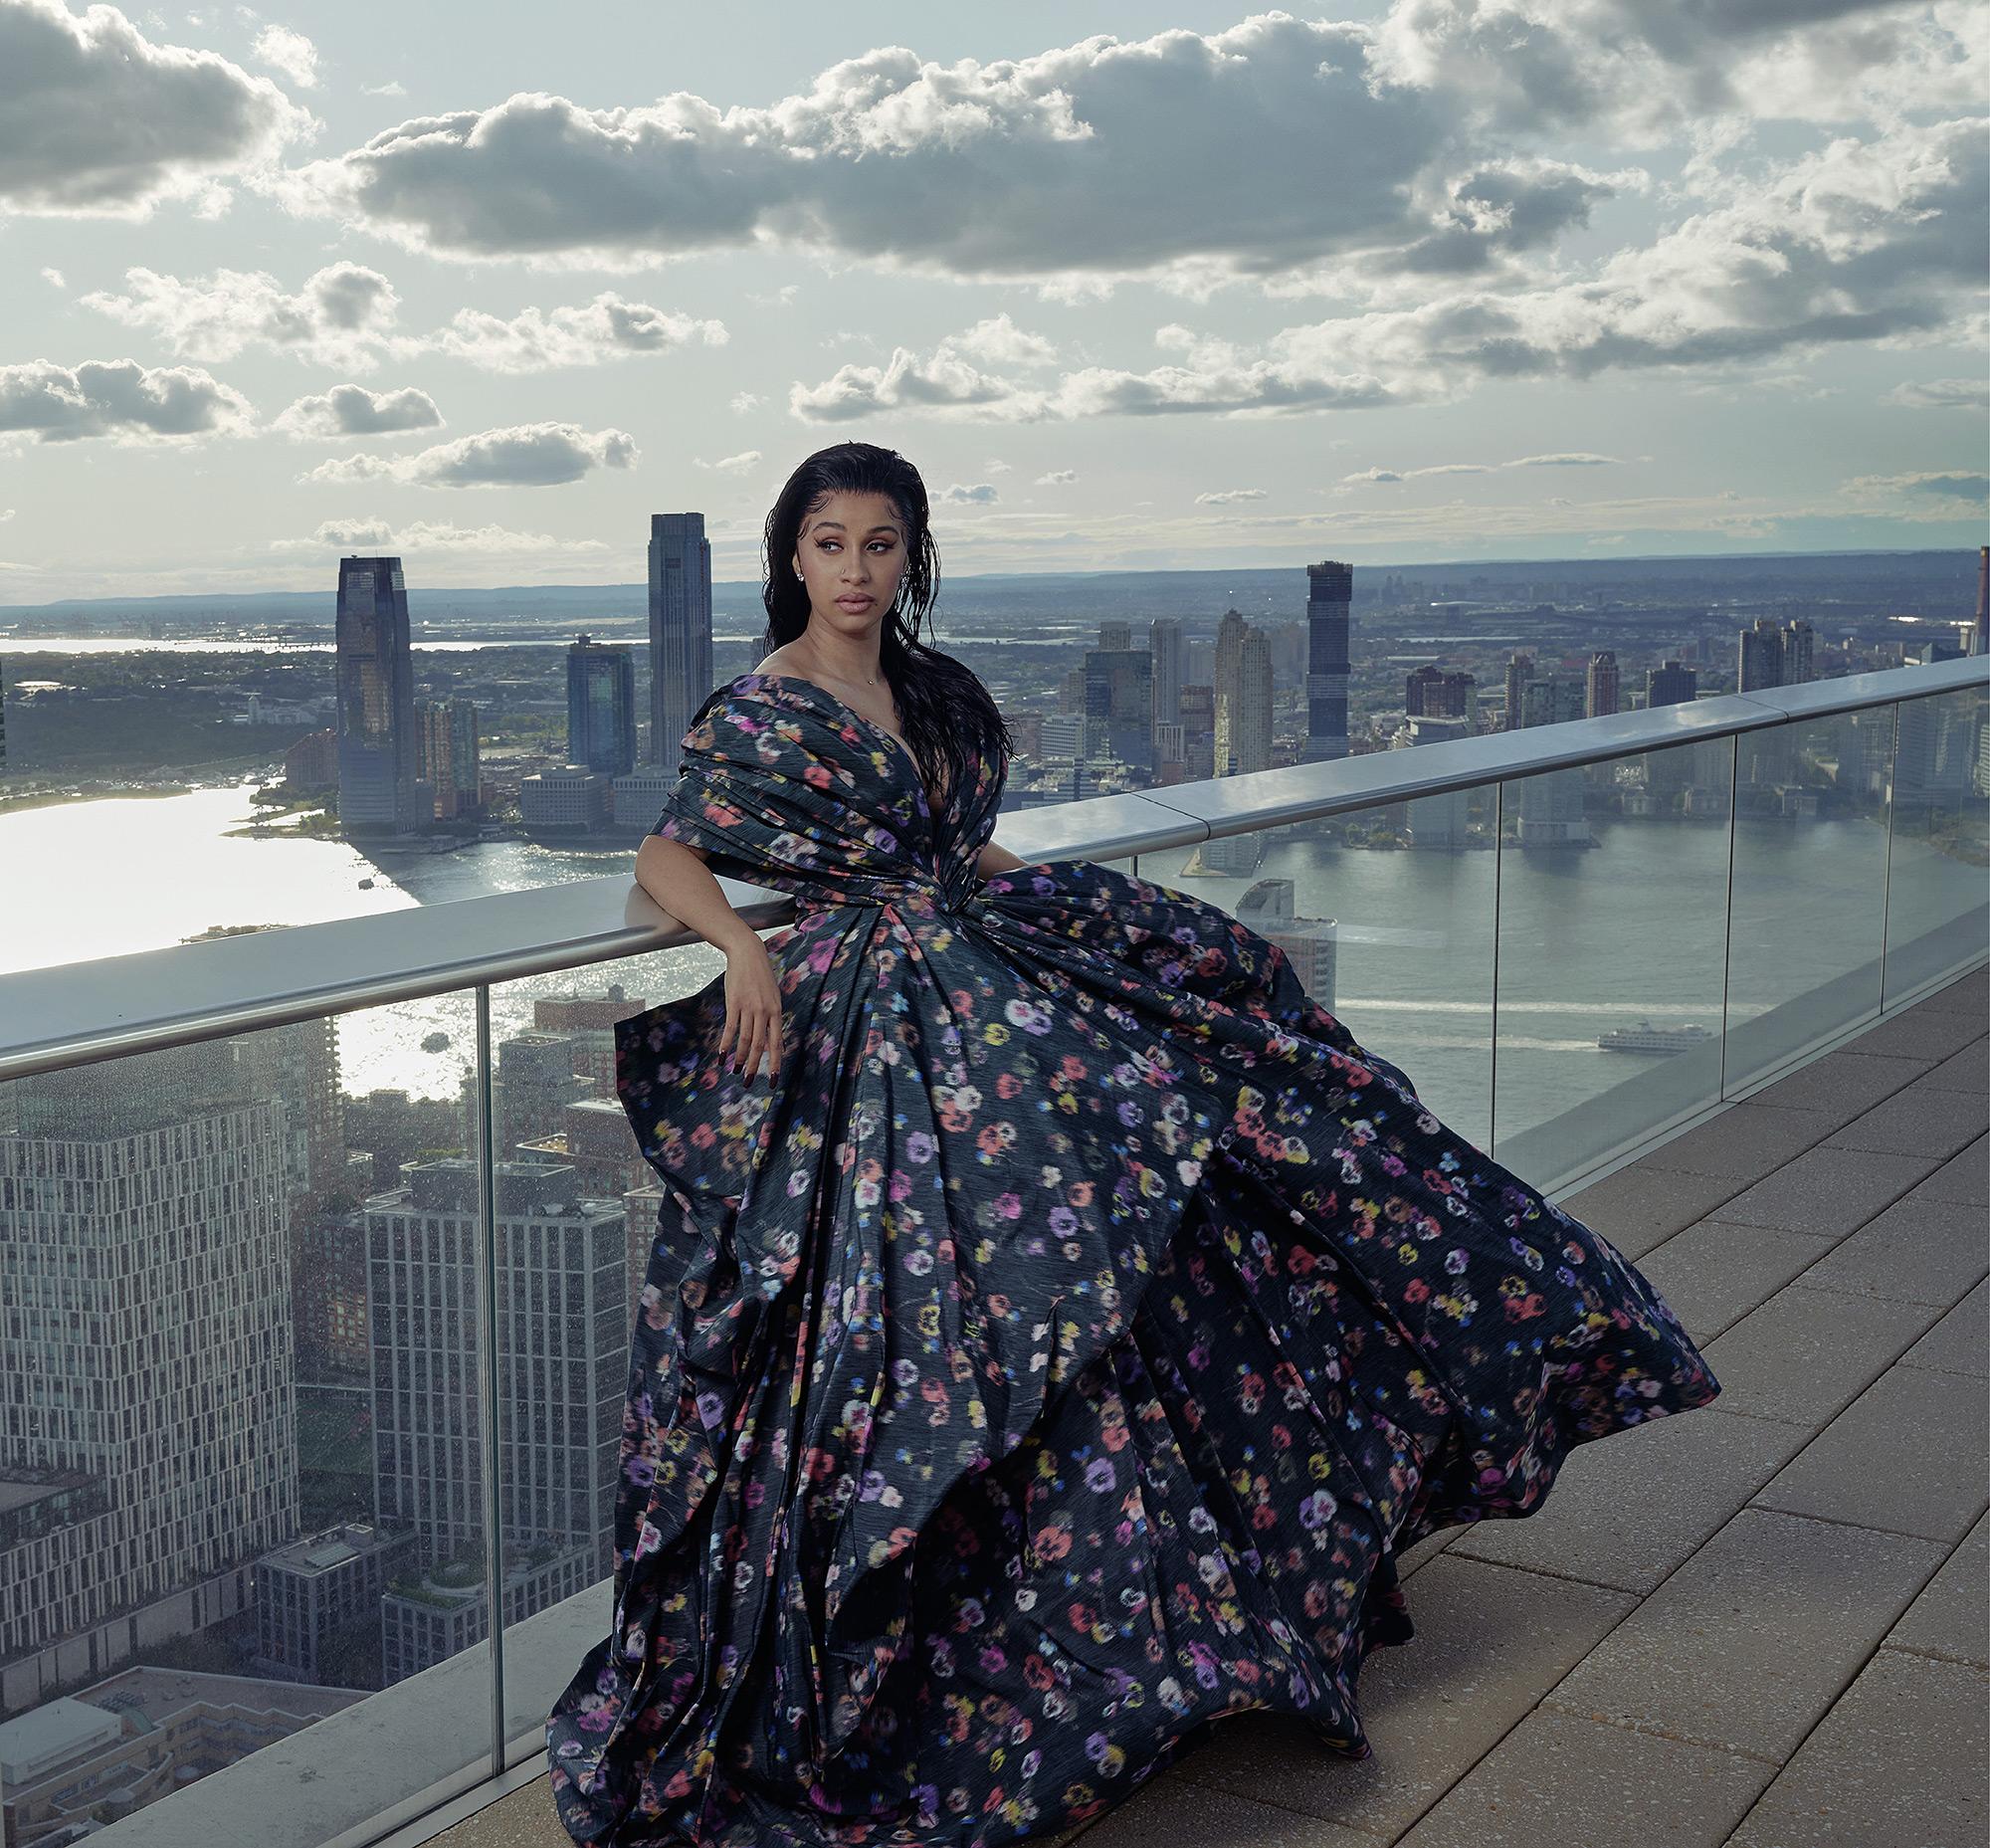 Cardi B in Vogue